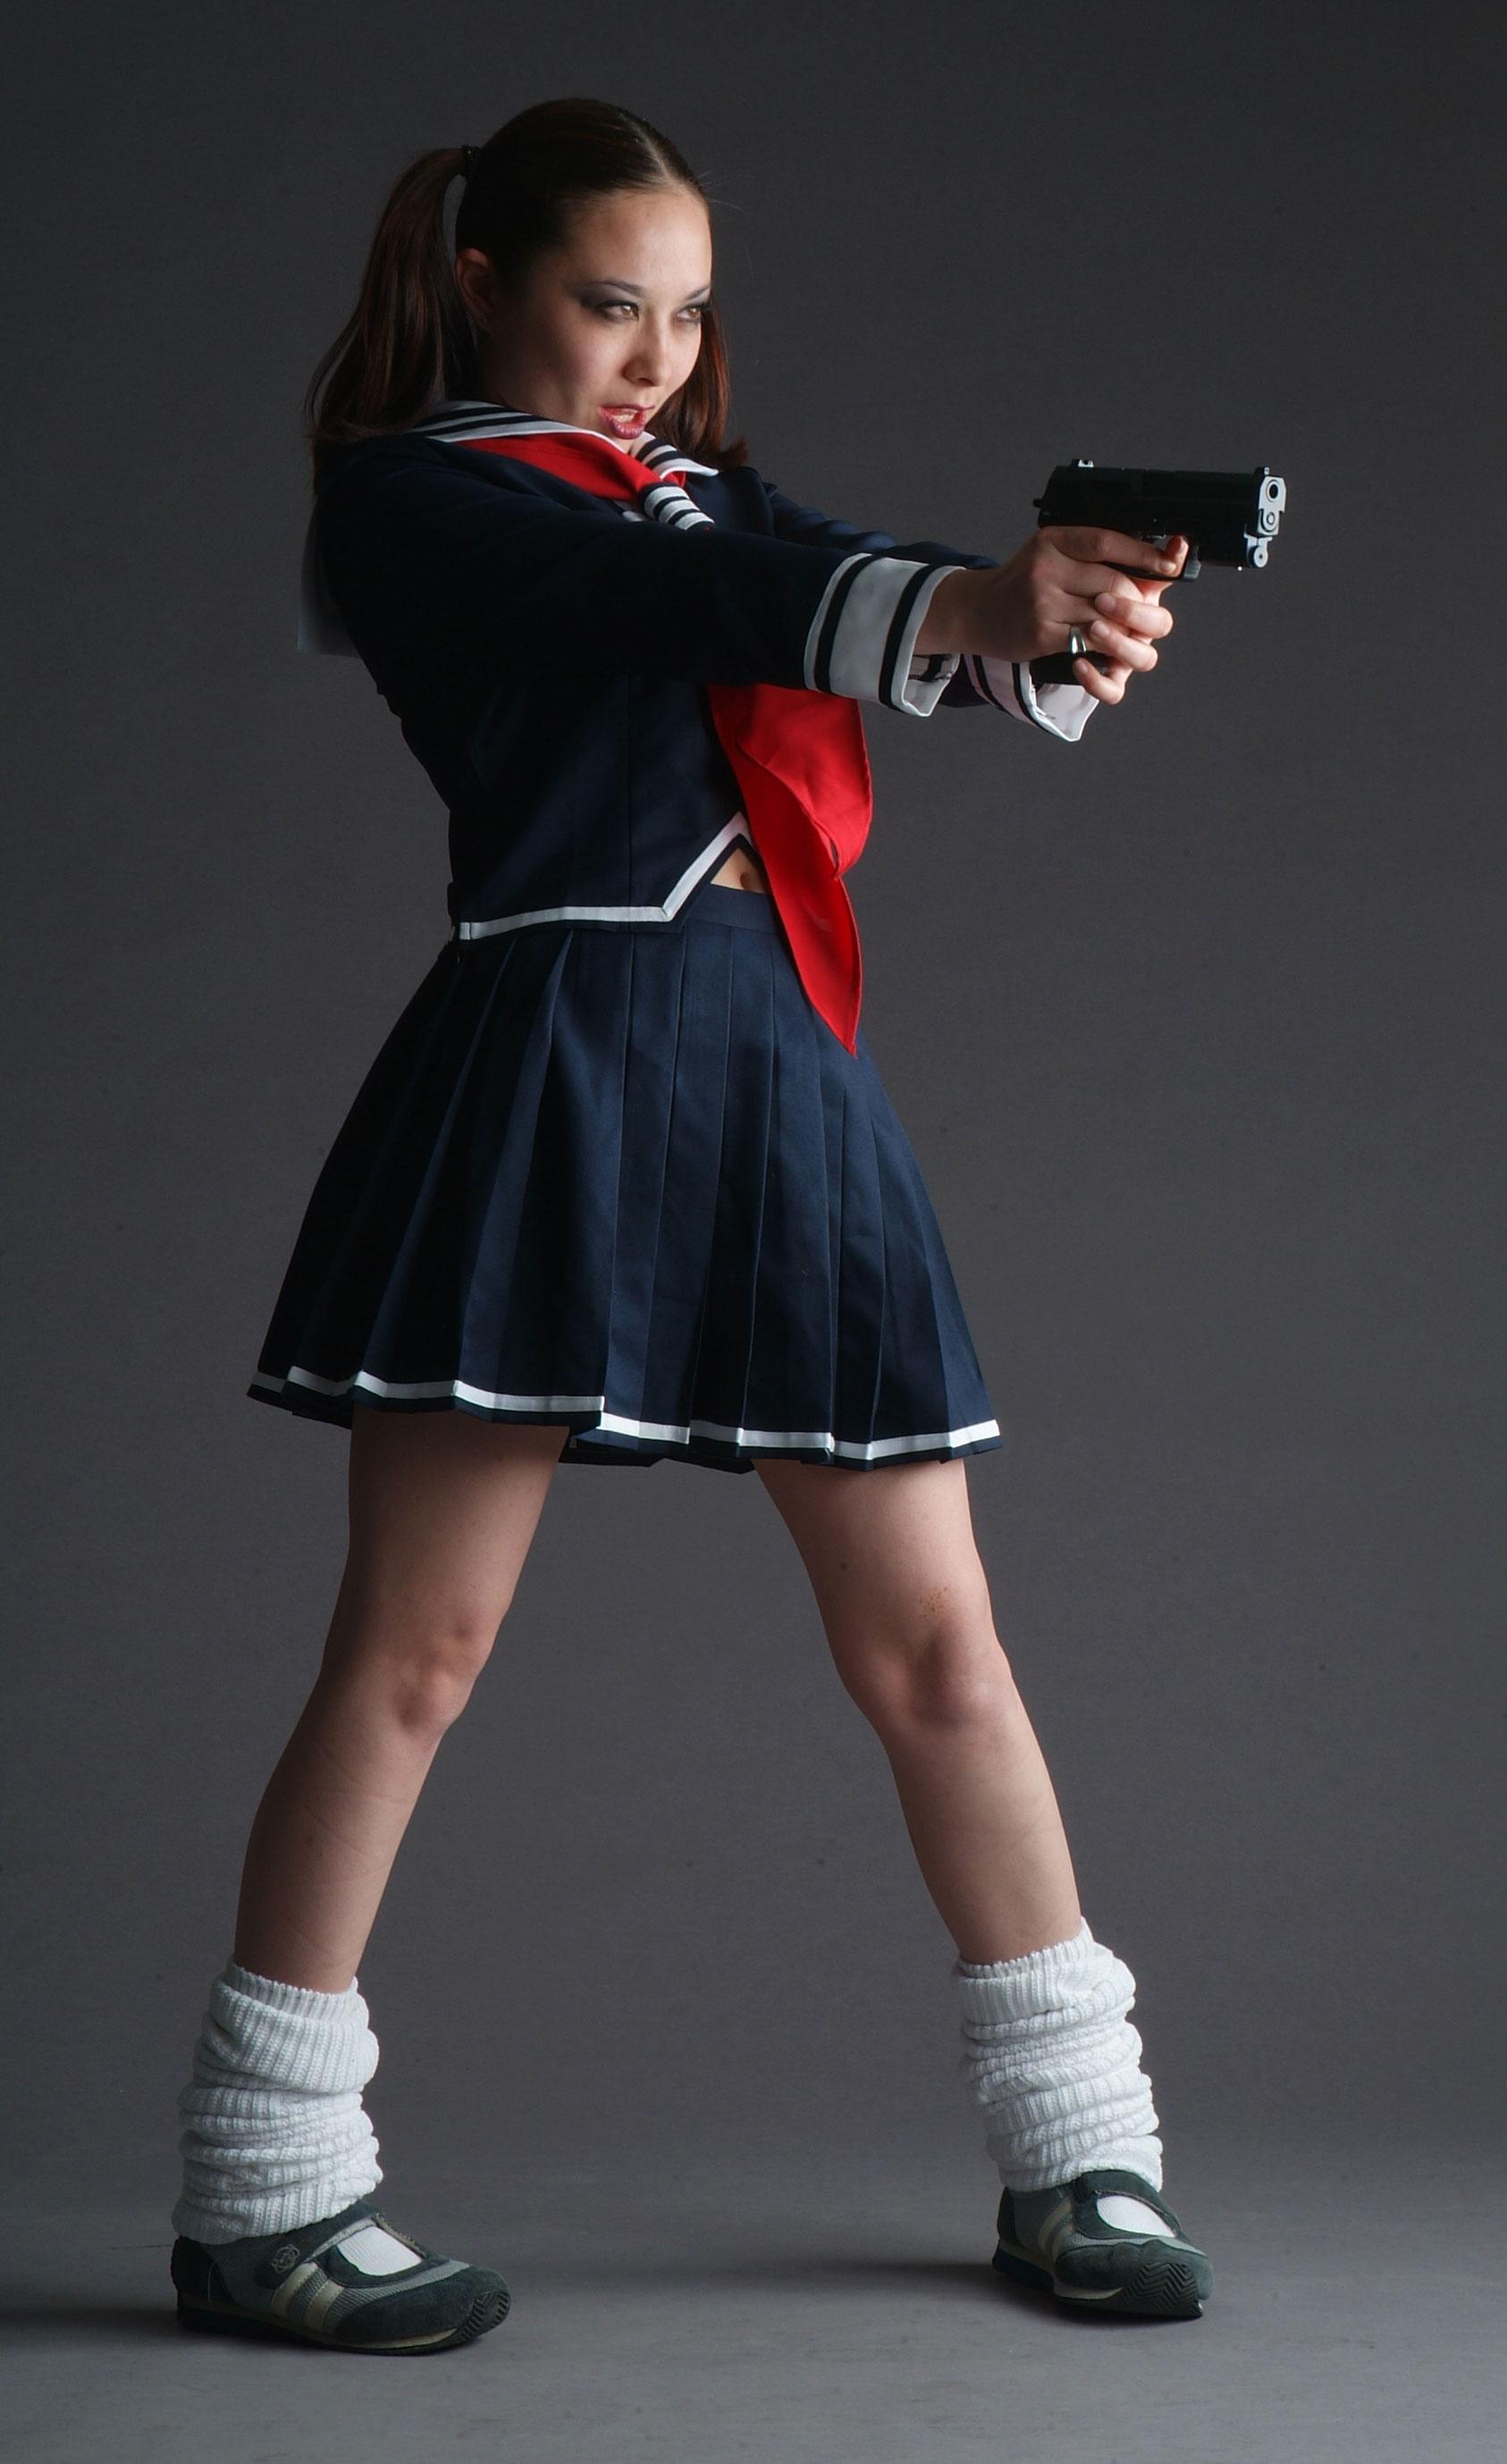 Gunslinger School Girl - 2